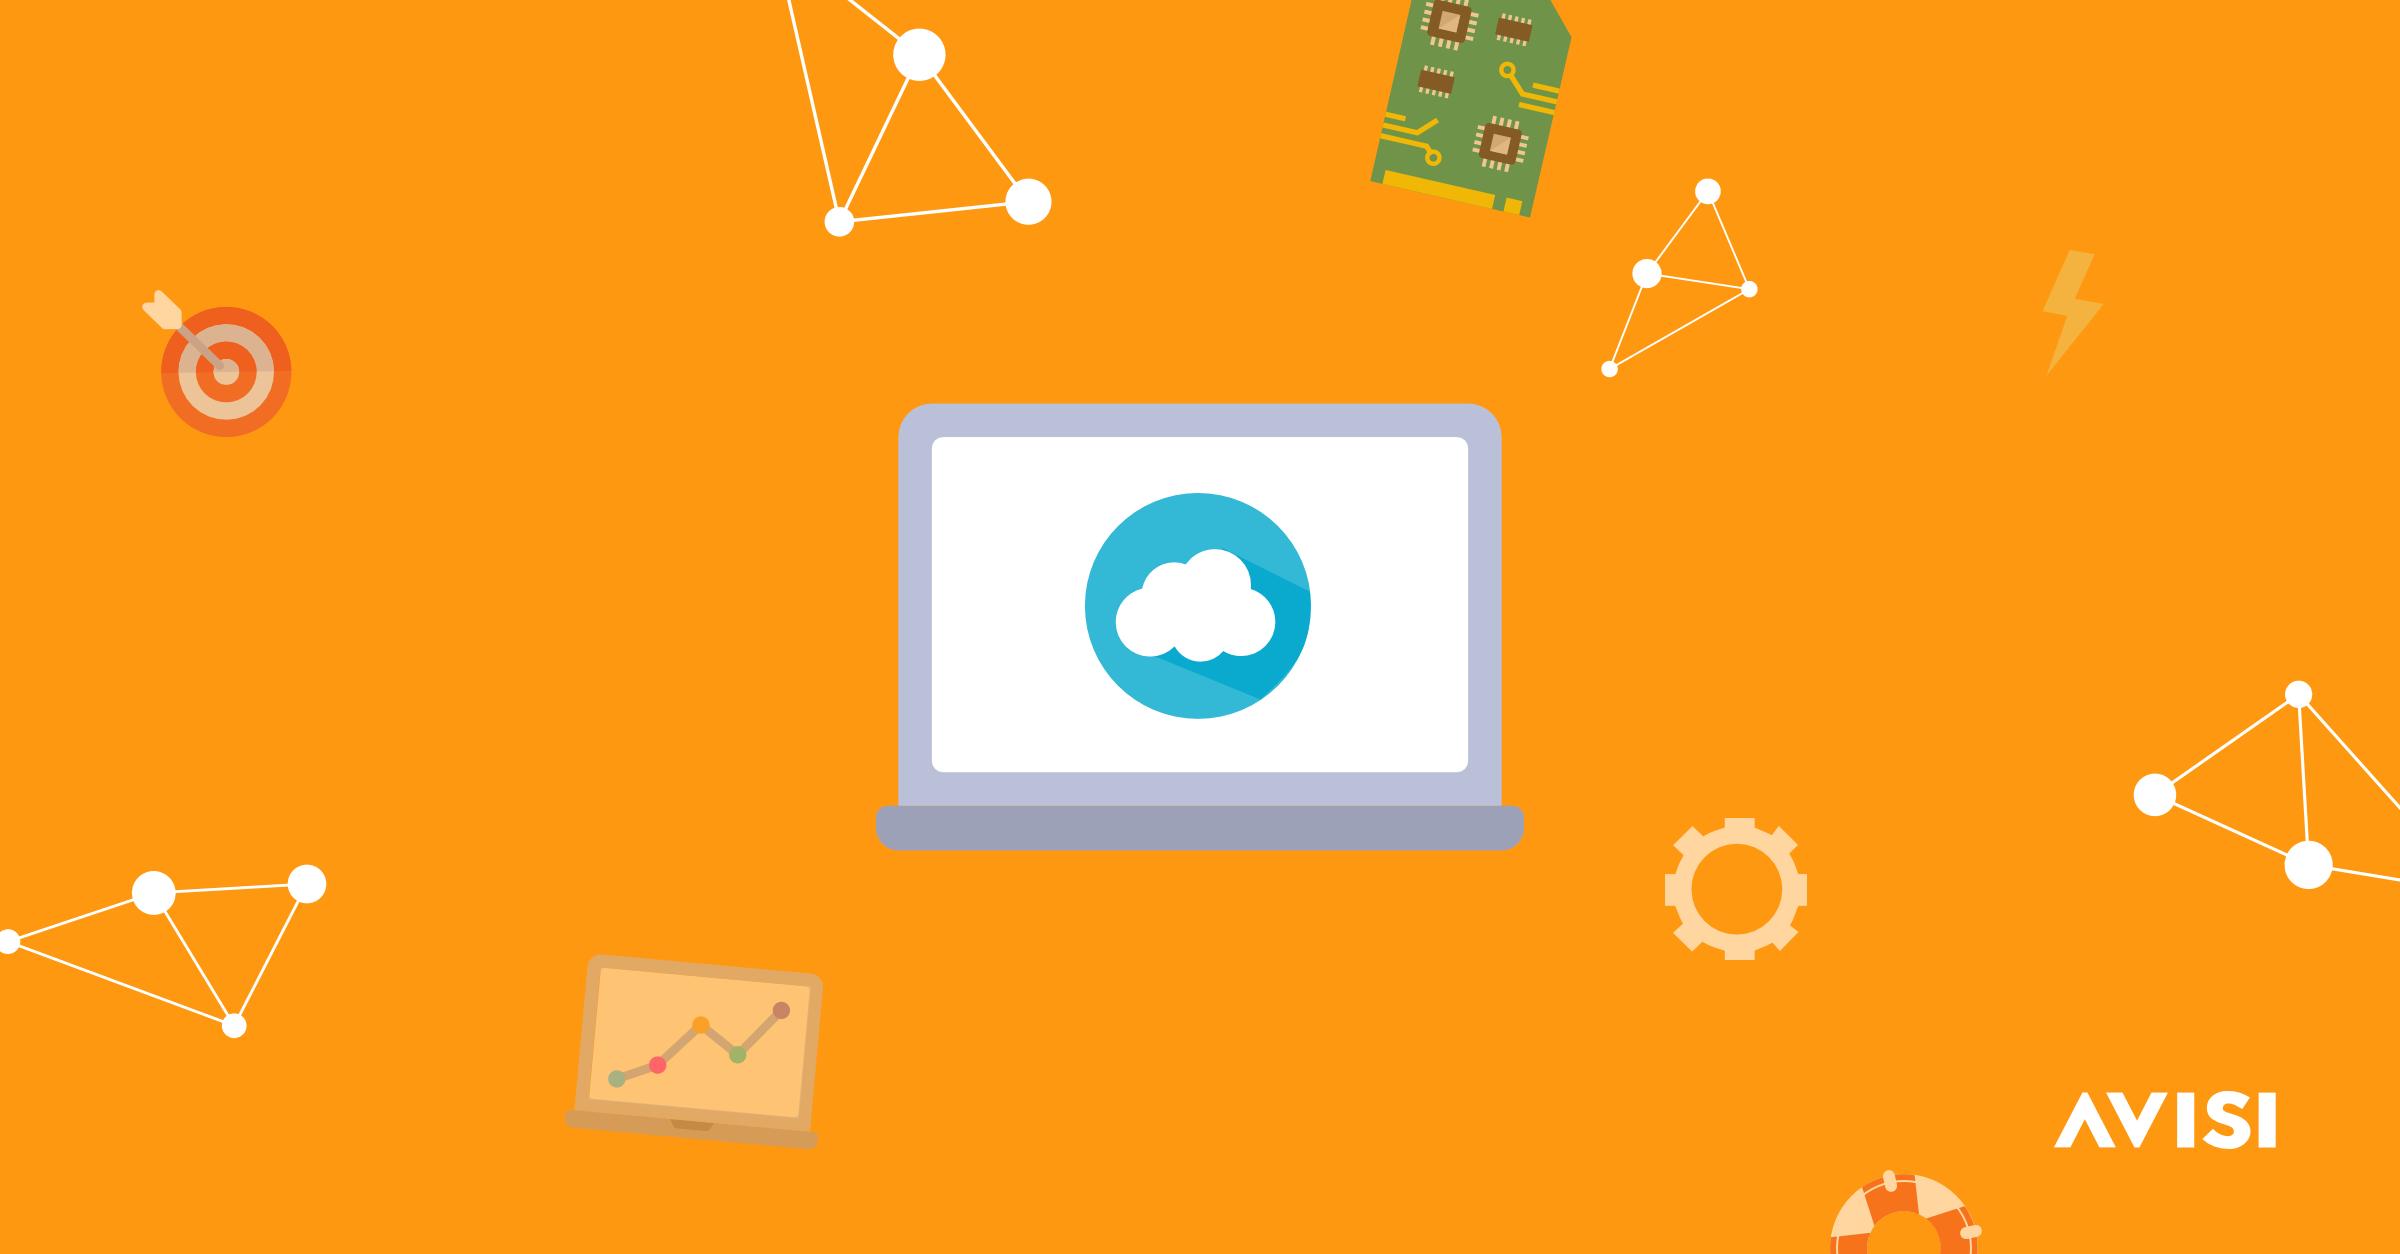 Arnhems IT-bedrijf vergemakkelijkt het uitrollen en beheren van applicaties met Avisi Managed Environments